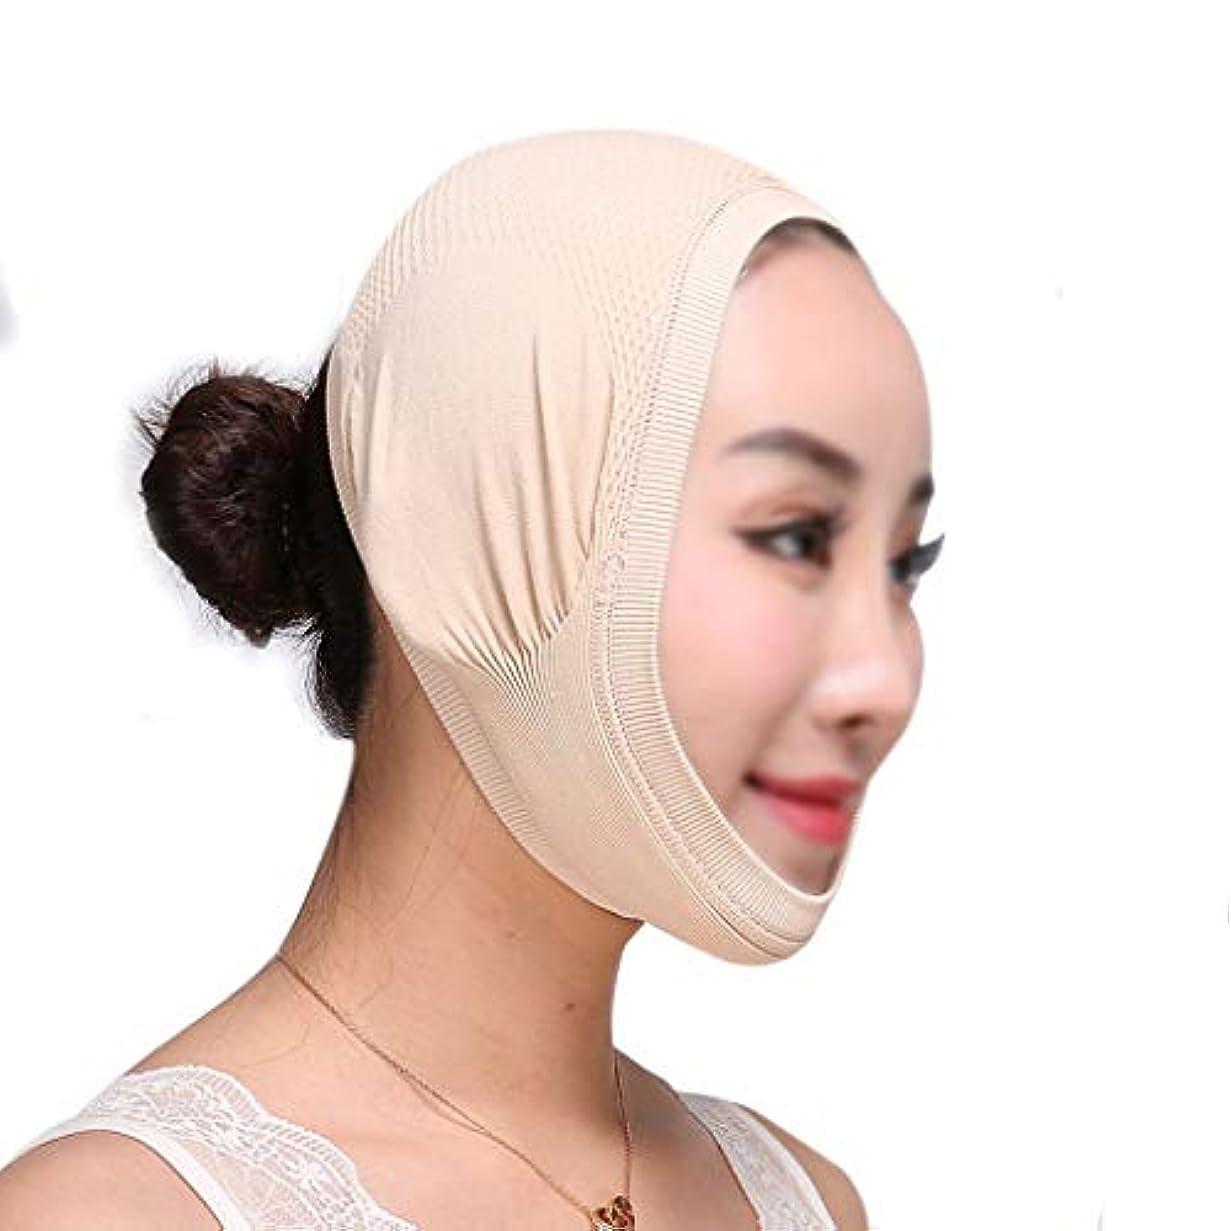 メインお風呂を持っている航空便XHLMRMJ 整形外科病院ライン彫刻術後回復ヘッドギア医療マスク睡眠vフェイスリフティング包帯薄いフェイスマスク (Size : Skin tone(B))